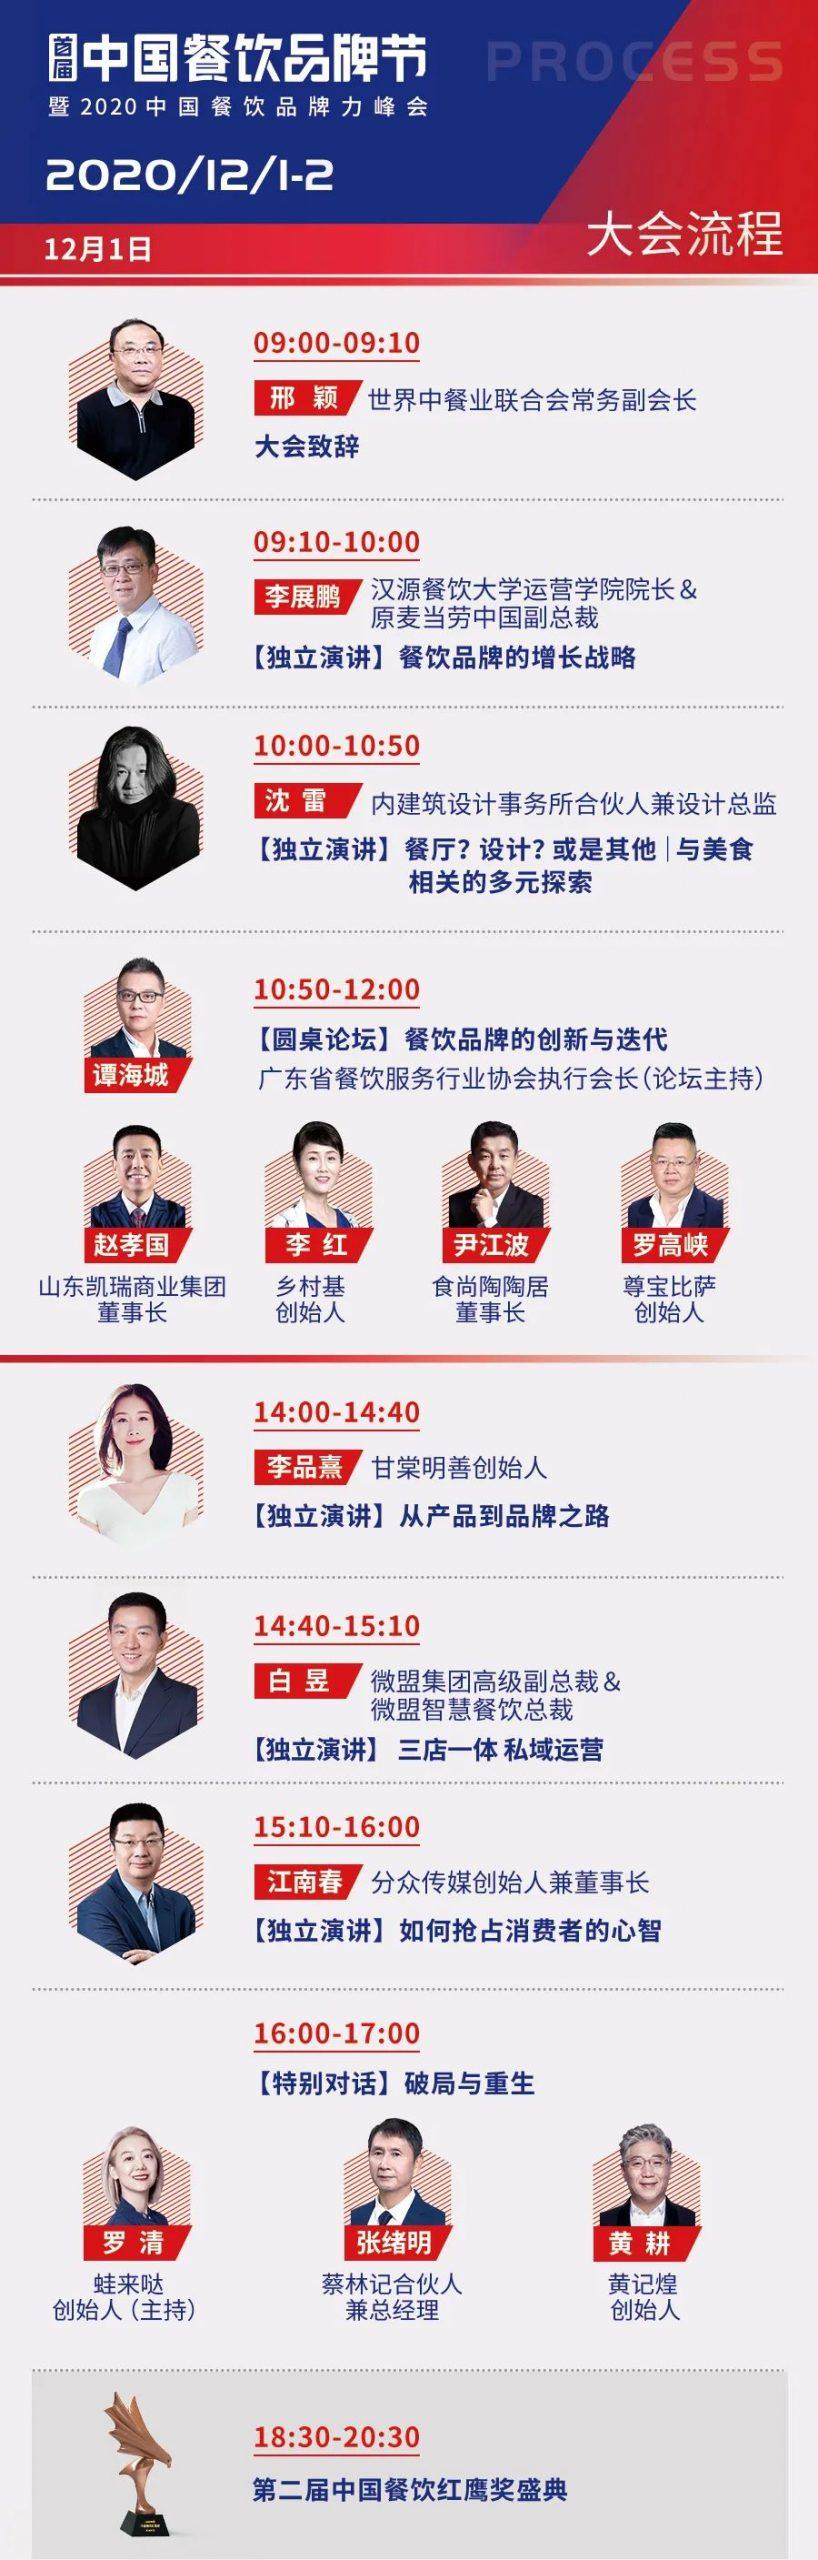 【参会指南】2020年首届中国餐饮品牌节完整攻略